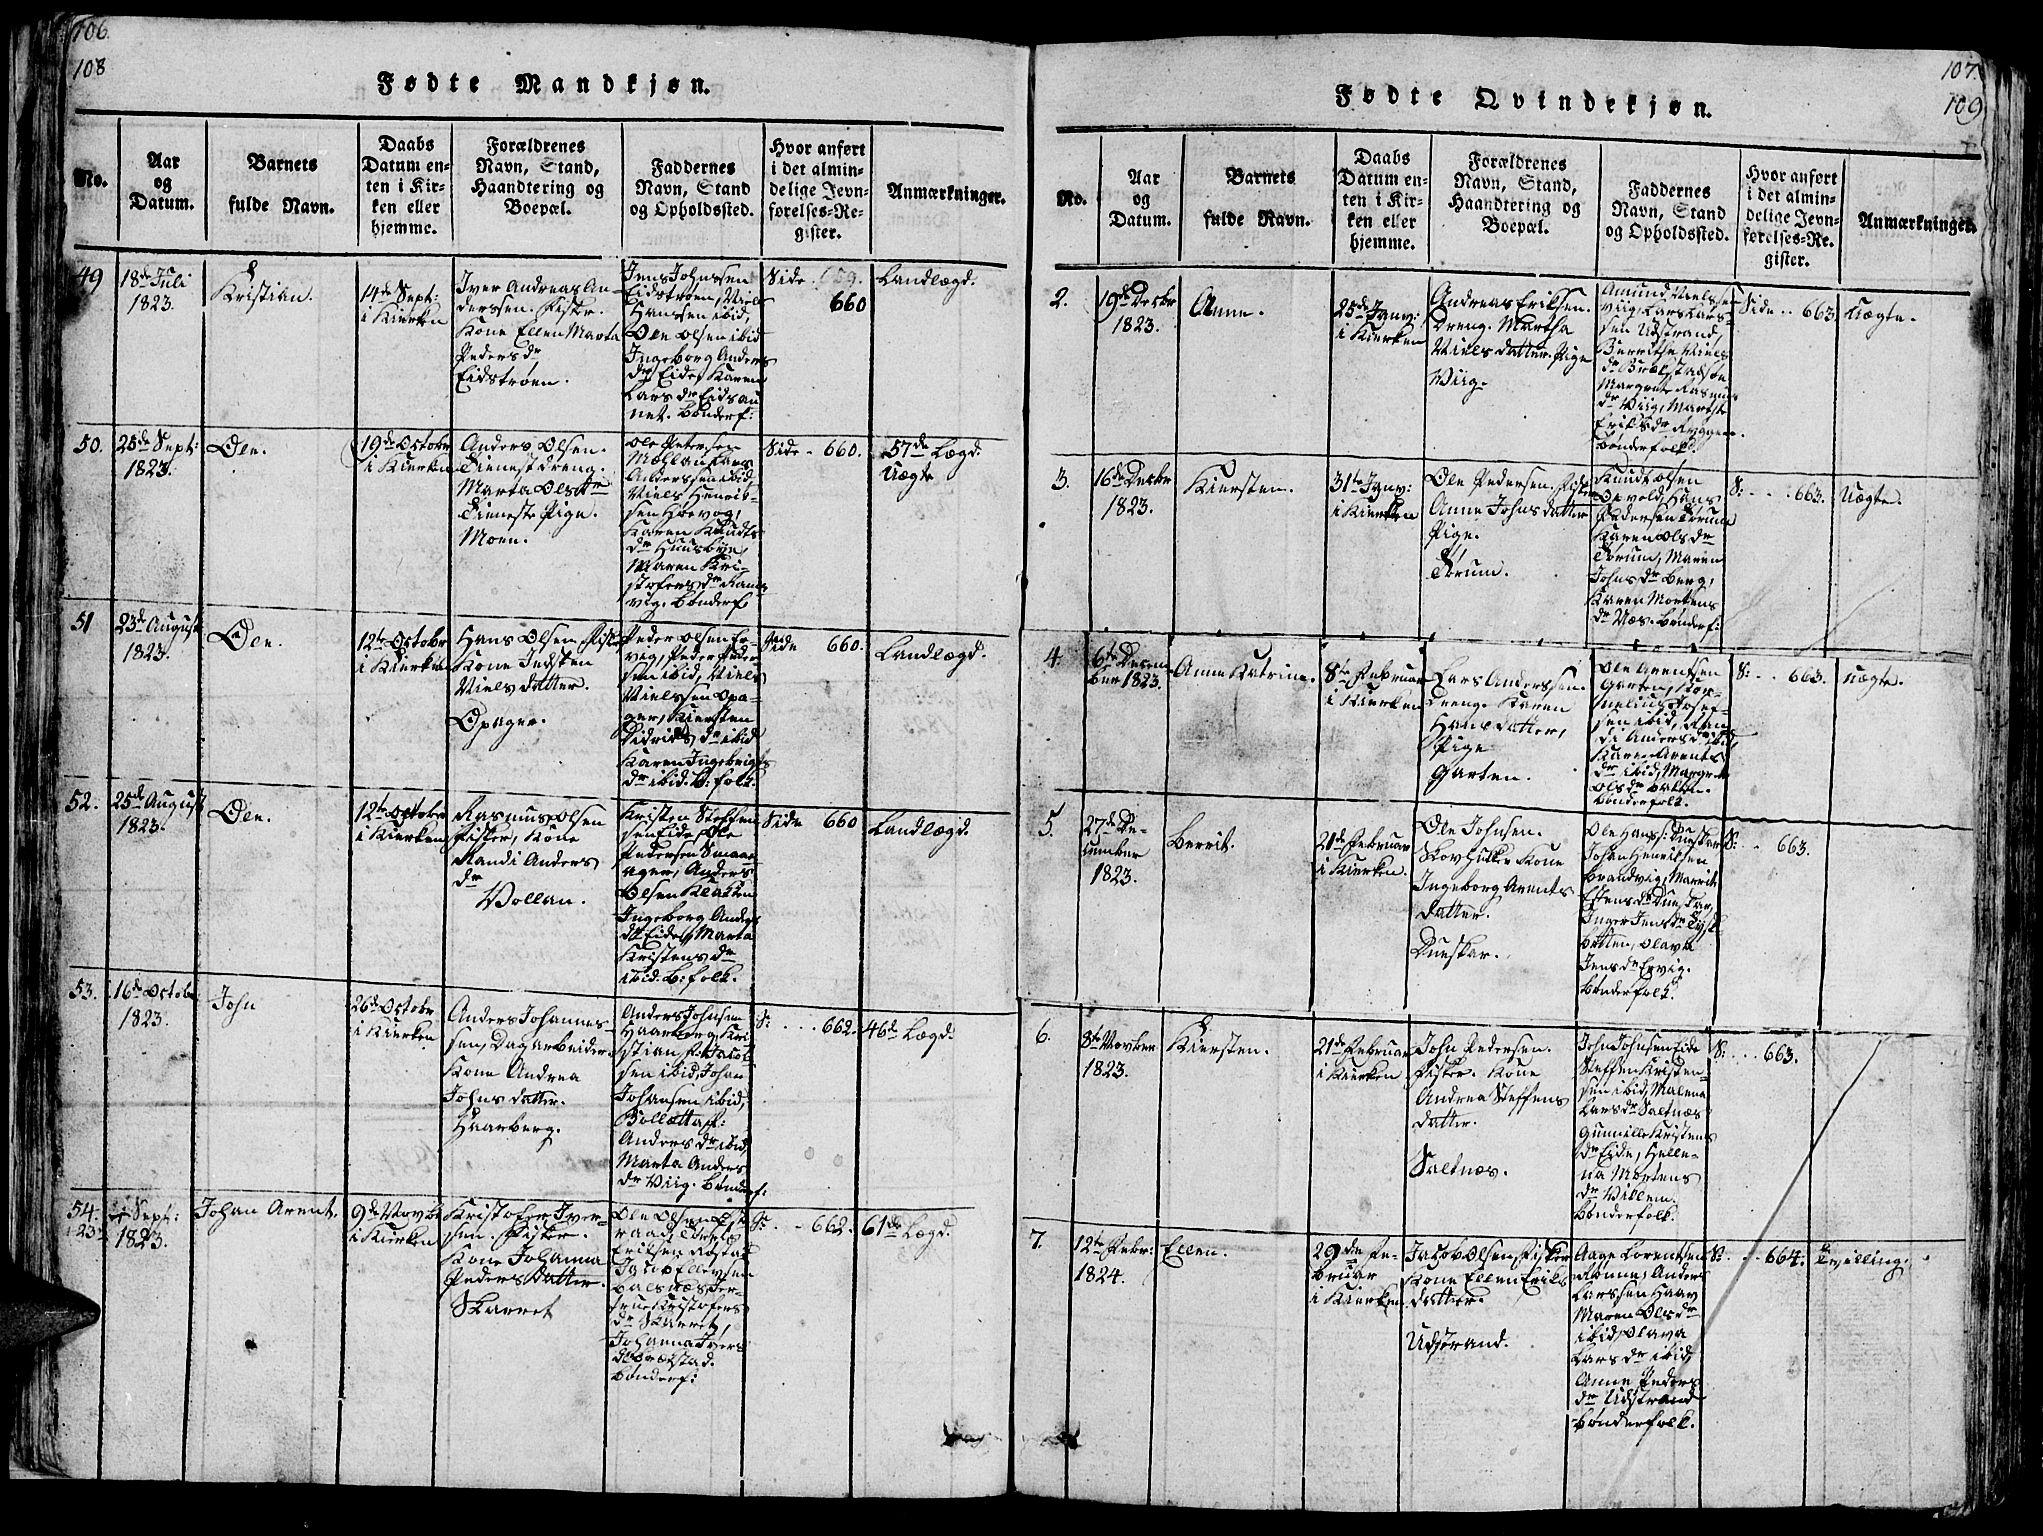 SAT, Ministerialprotokoller, klokkerbøker og fødselsregistre - Sør-Trøndelag, 659/L0744: Klokkerbok nr. 659C01, 1818-1825, s. 108-109